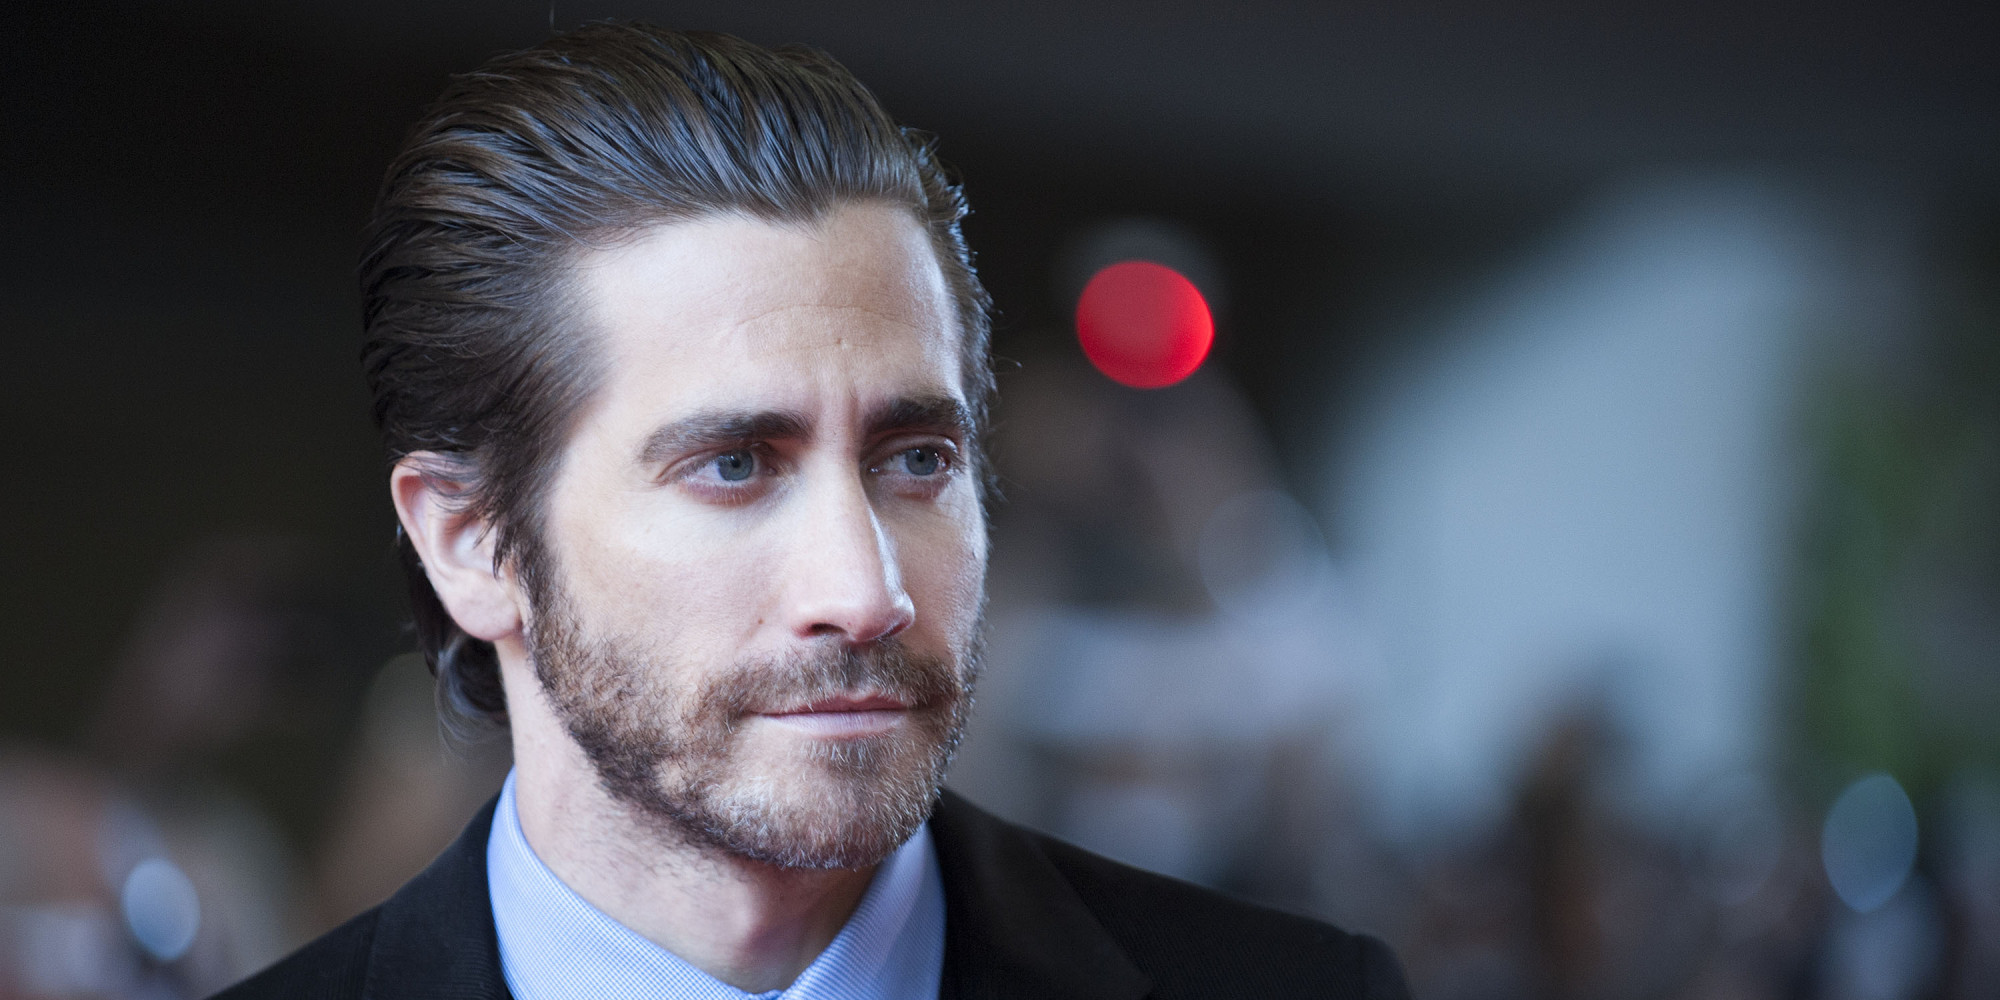 傑克葛倫霍 (Jake Gyllenhaal) 將有望在 蜘蛛人「 返校日2 」:《 蜘蛛人 : 遠離家園 (暫譯) 》(Spider-Man: Far From Home) 中飾演「神秘客 」(Mysterio) 一角!